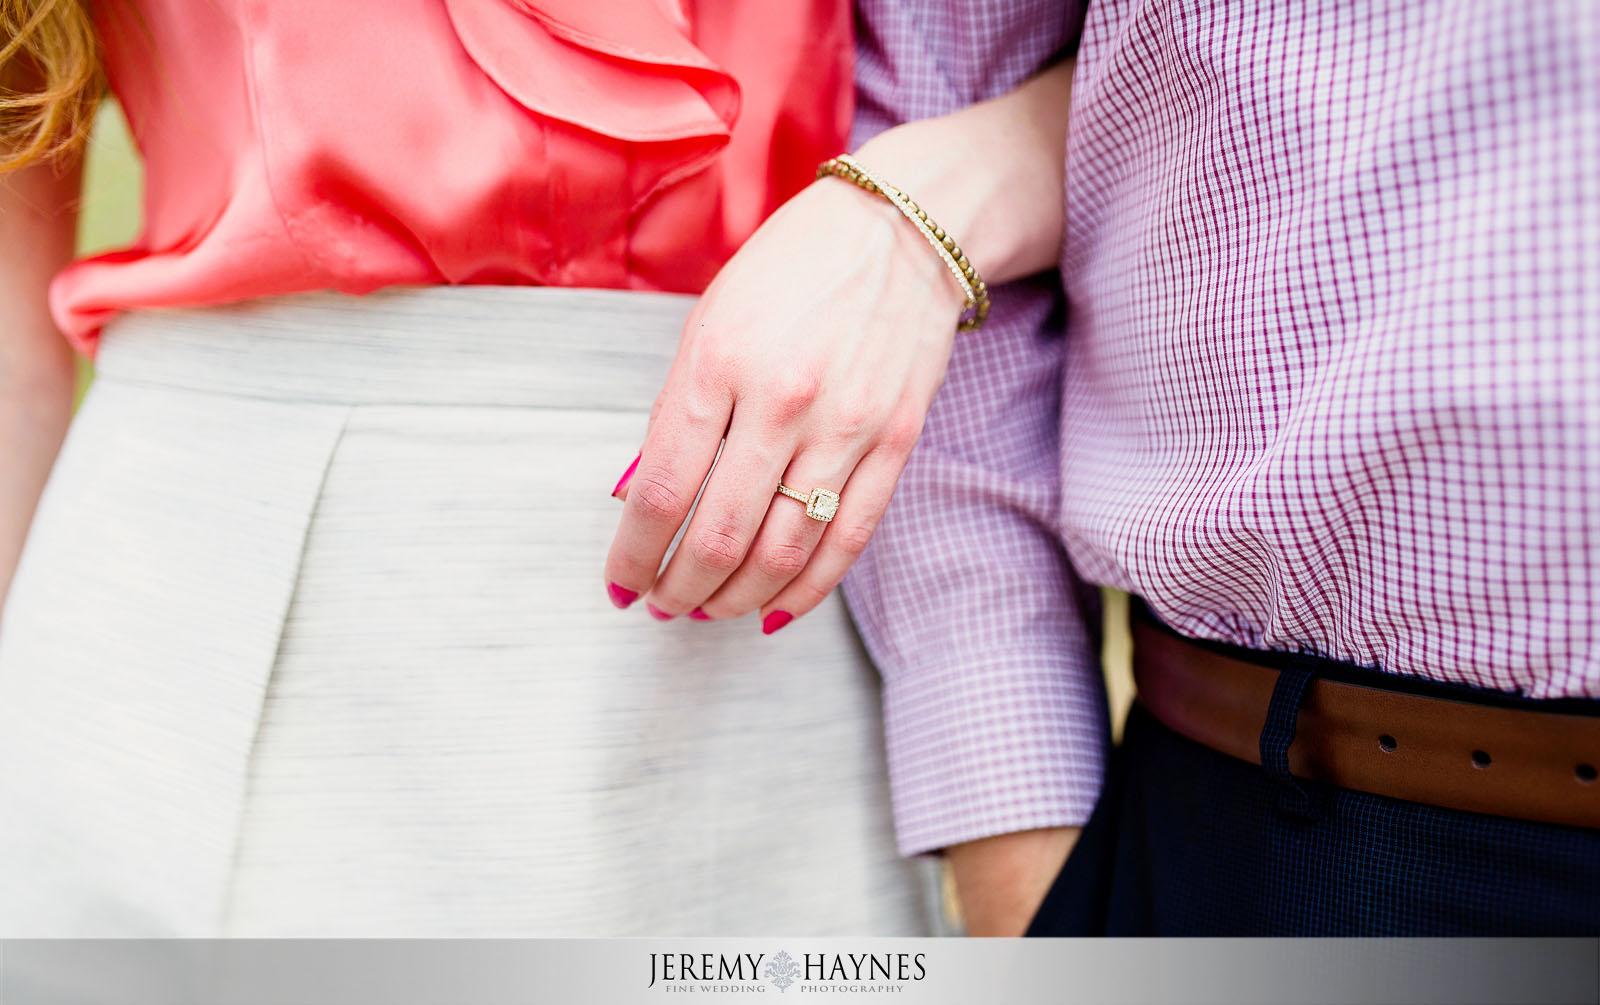 jeremy-haynes-photography-engagement-indiana-university-bloomington-ring.jpg